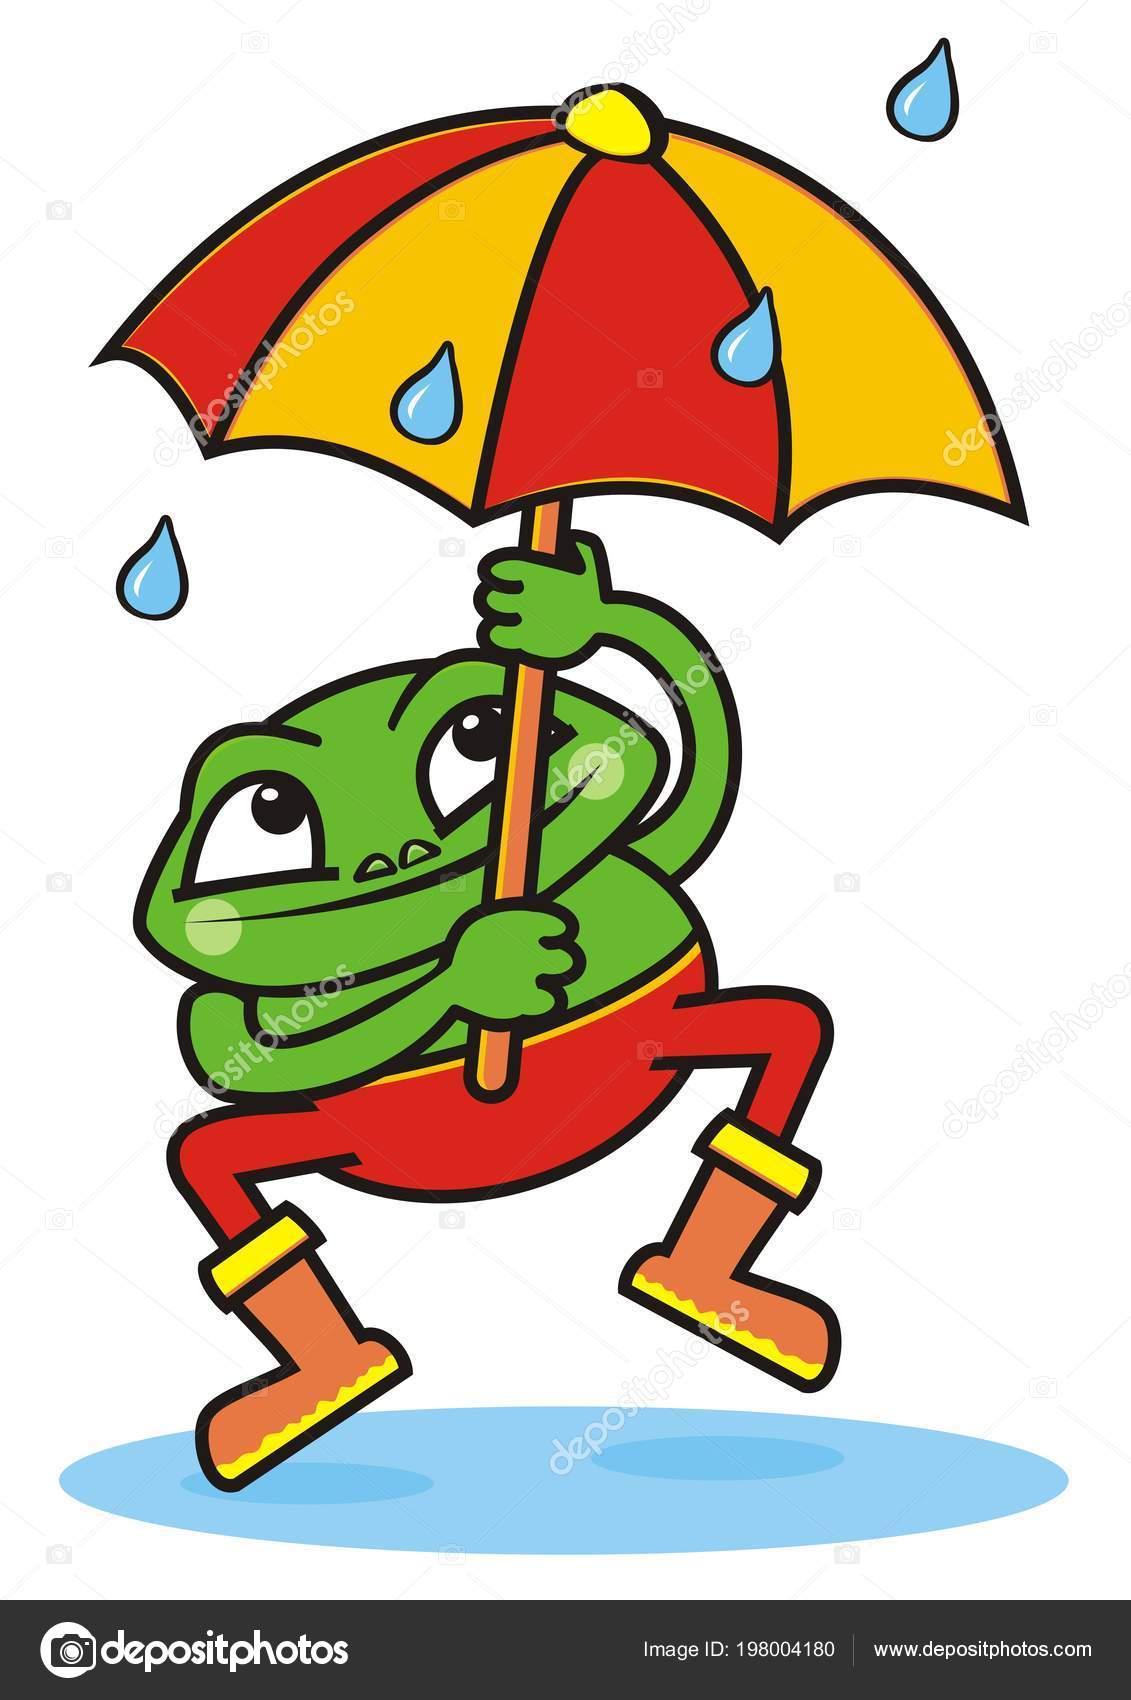 Coloriage Grenouille Avec Parapluie.Grenouille Parapluie Illustration Vectorielle Fou Drole